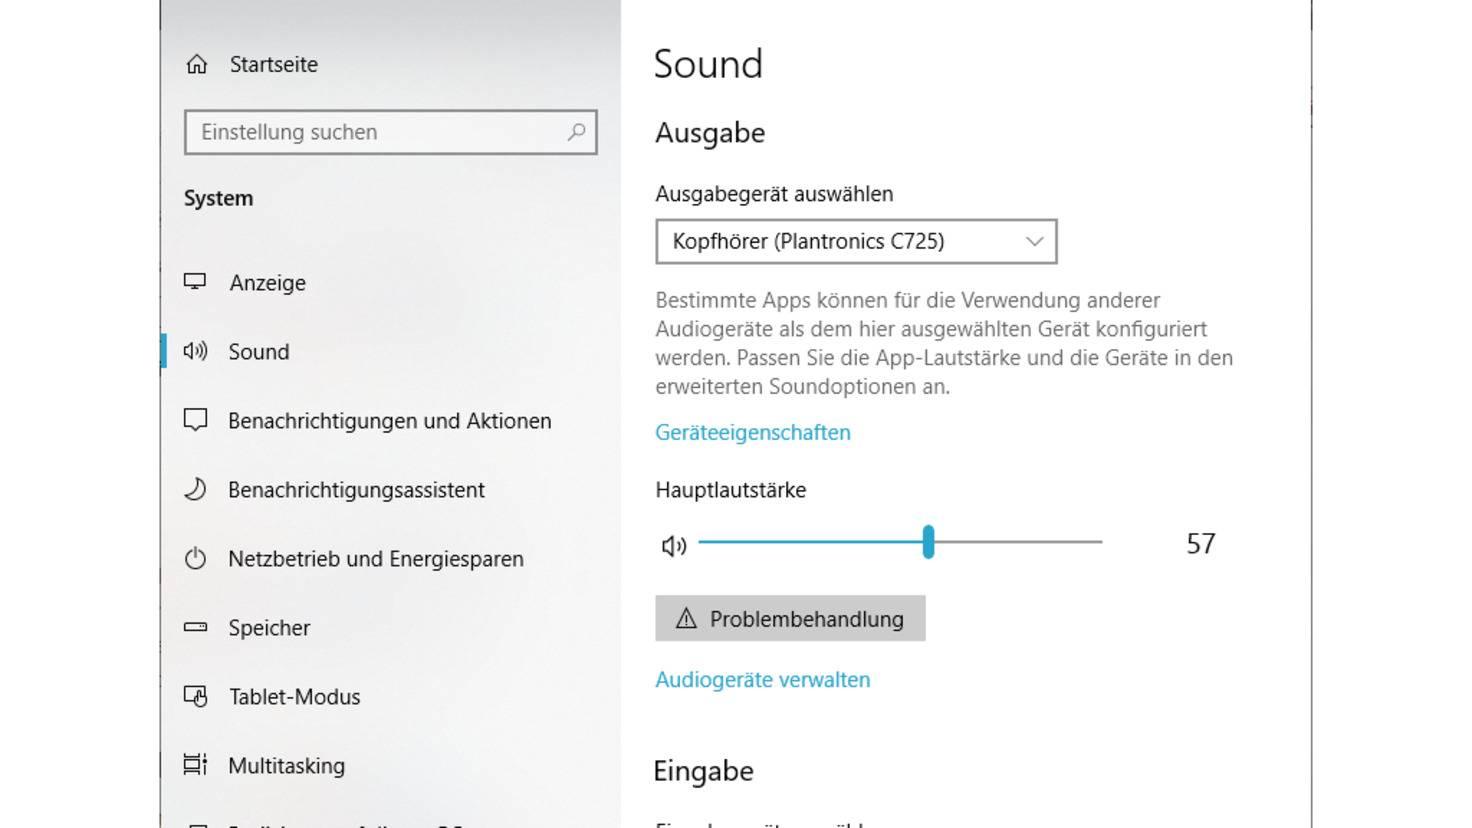 ausgabegeraet-windows-10-sound-klang-ton